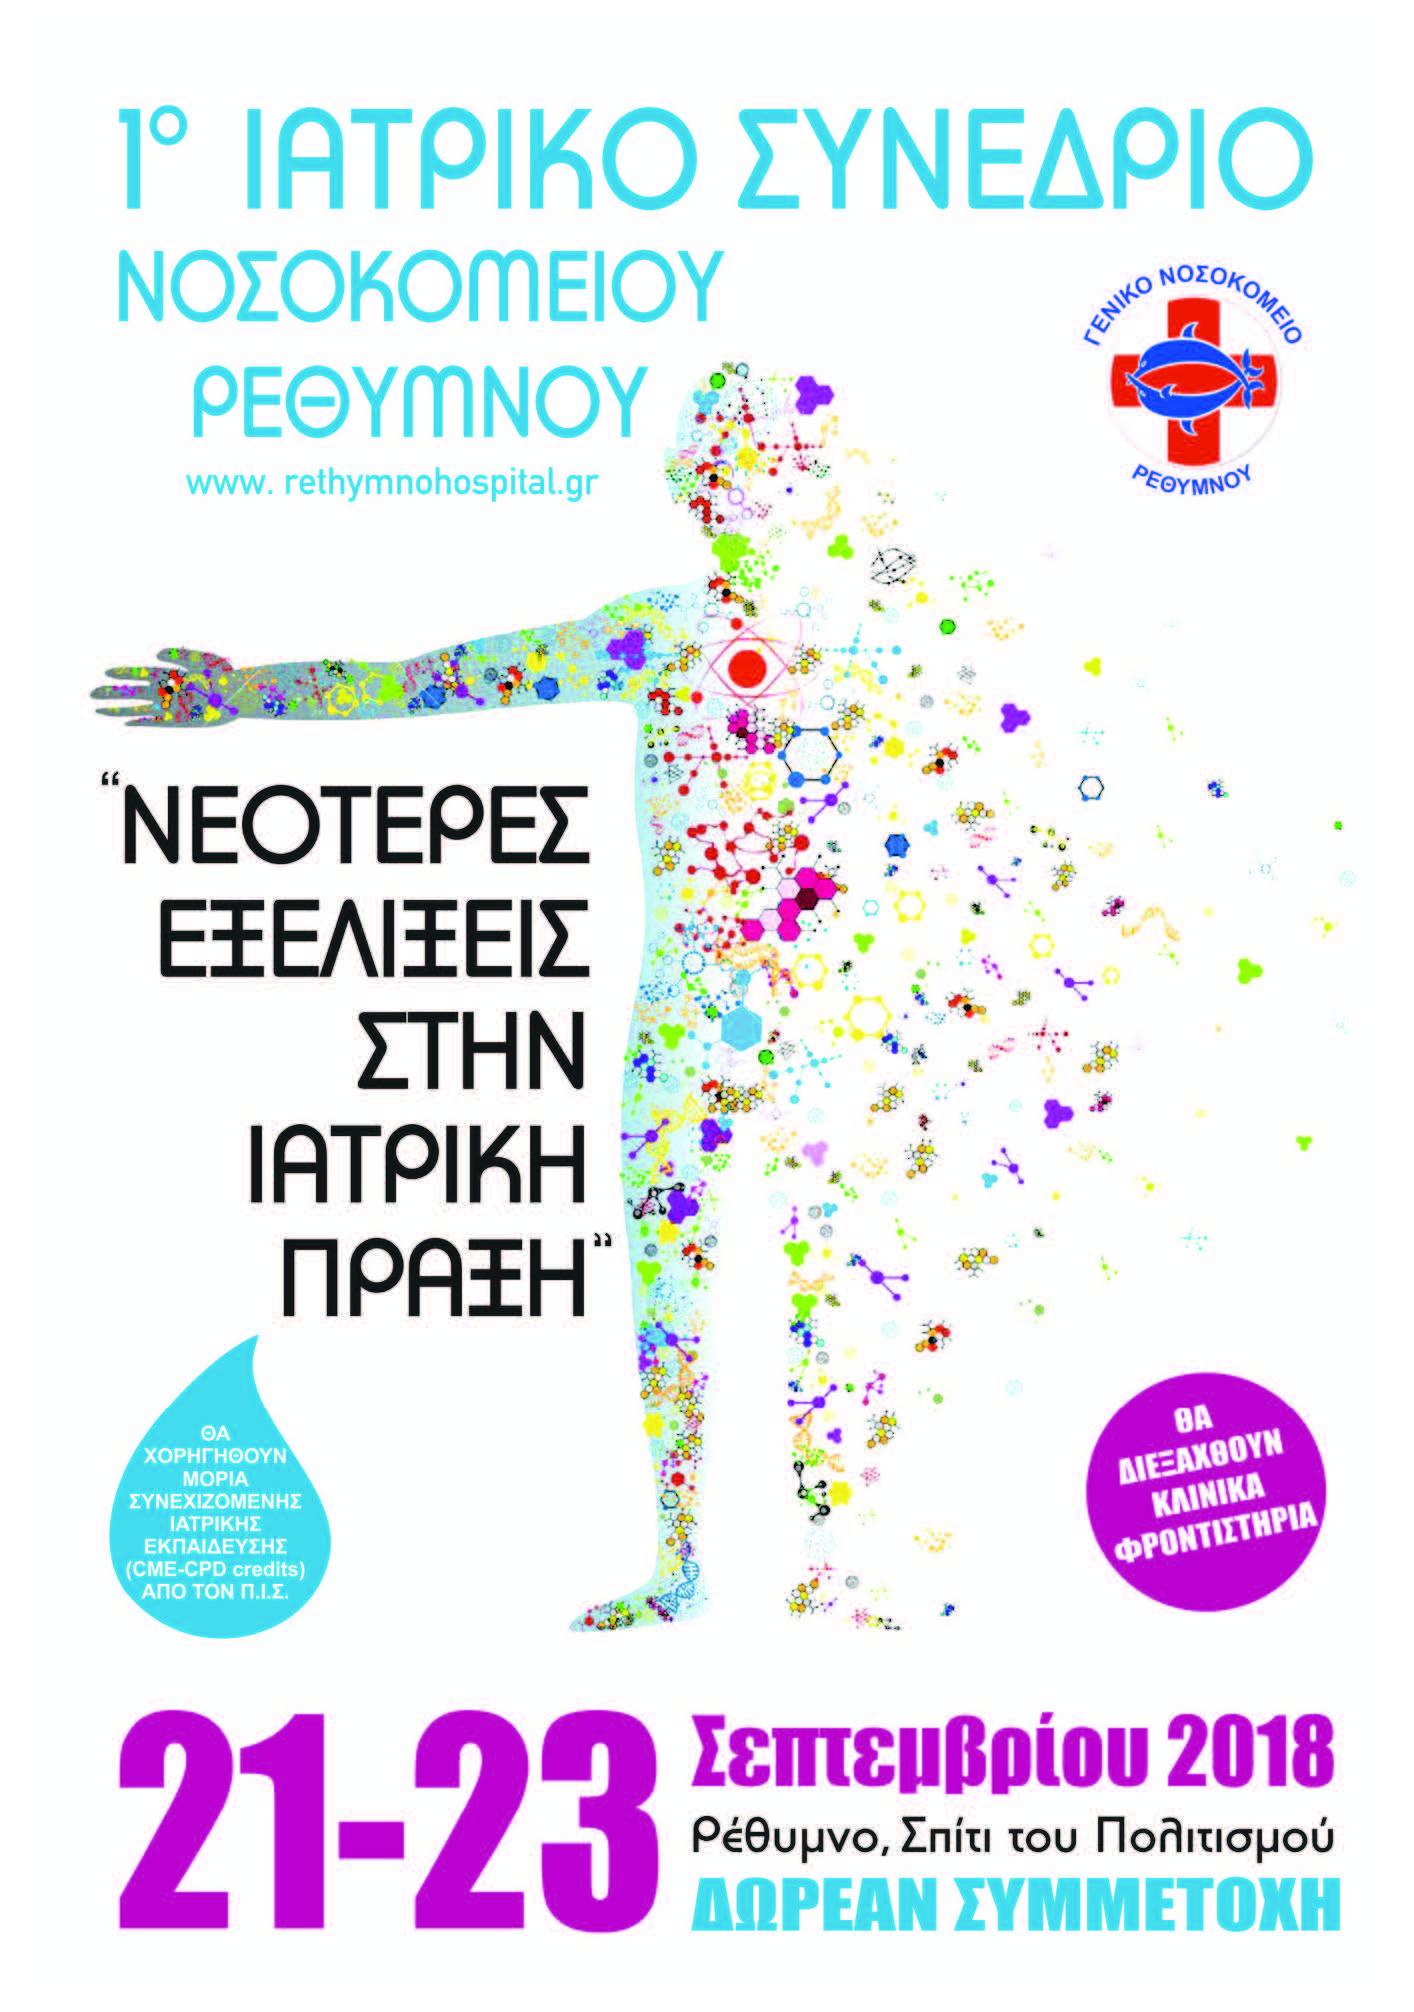 Αφίσα Ιατρικό Συνέδριο 2018